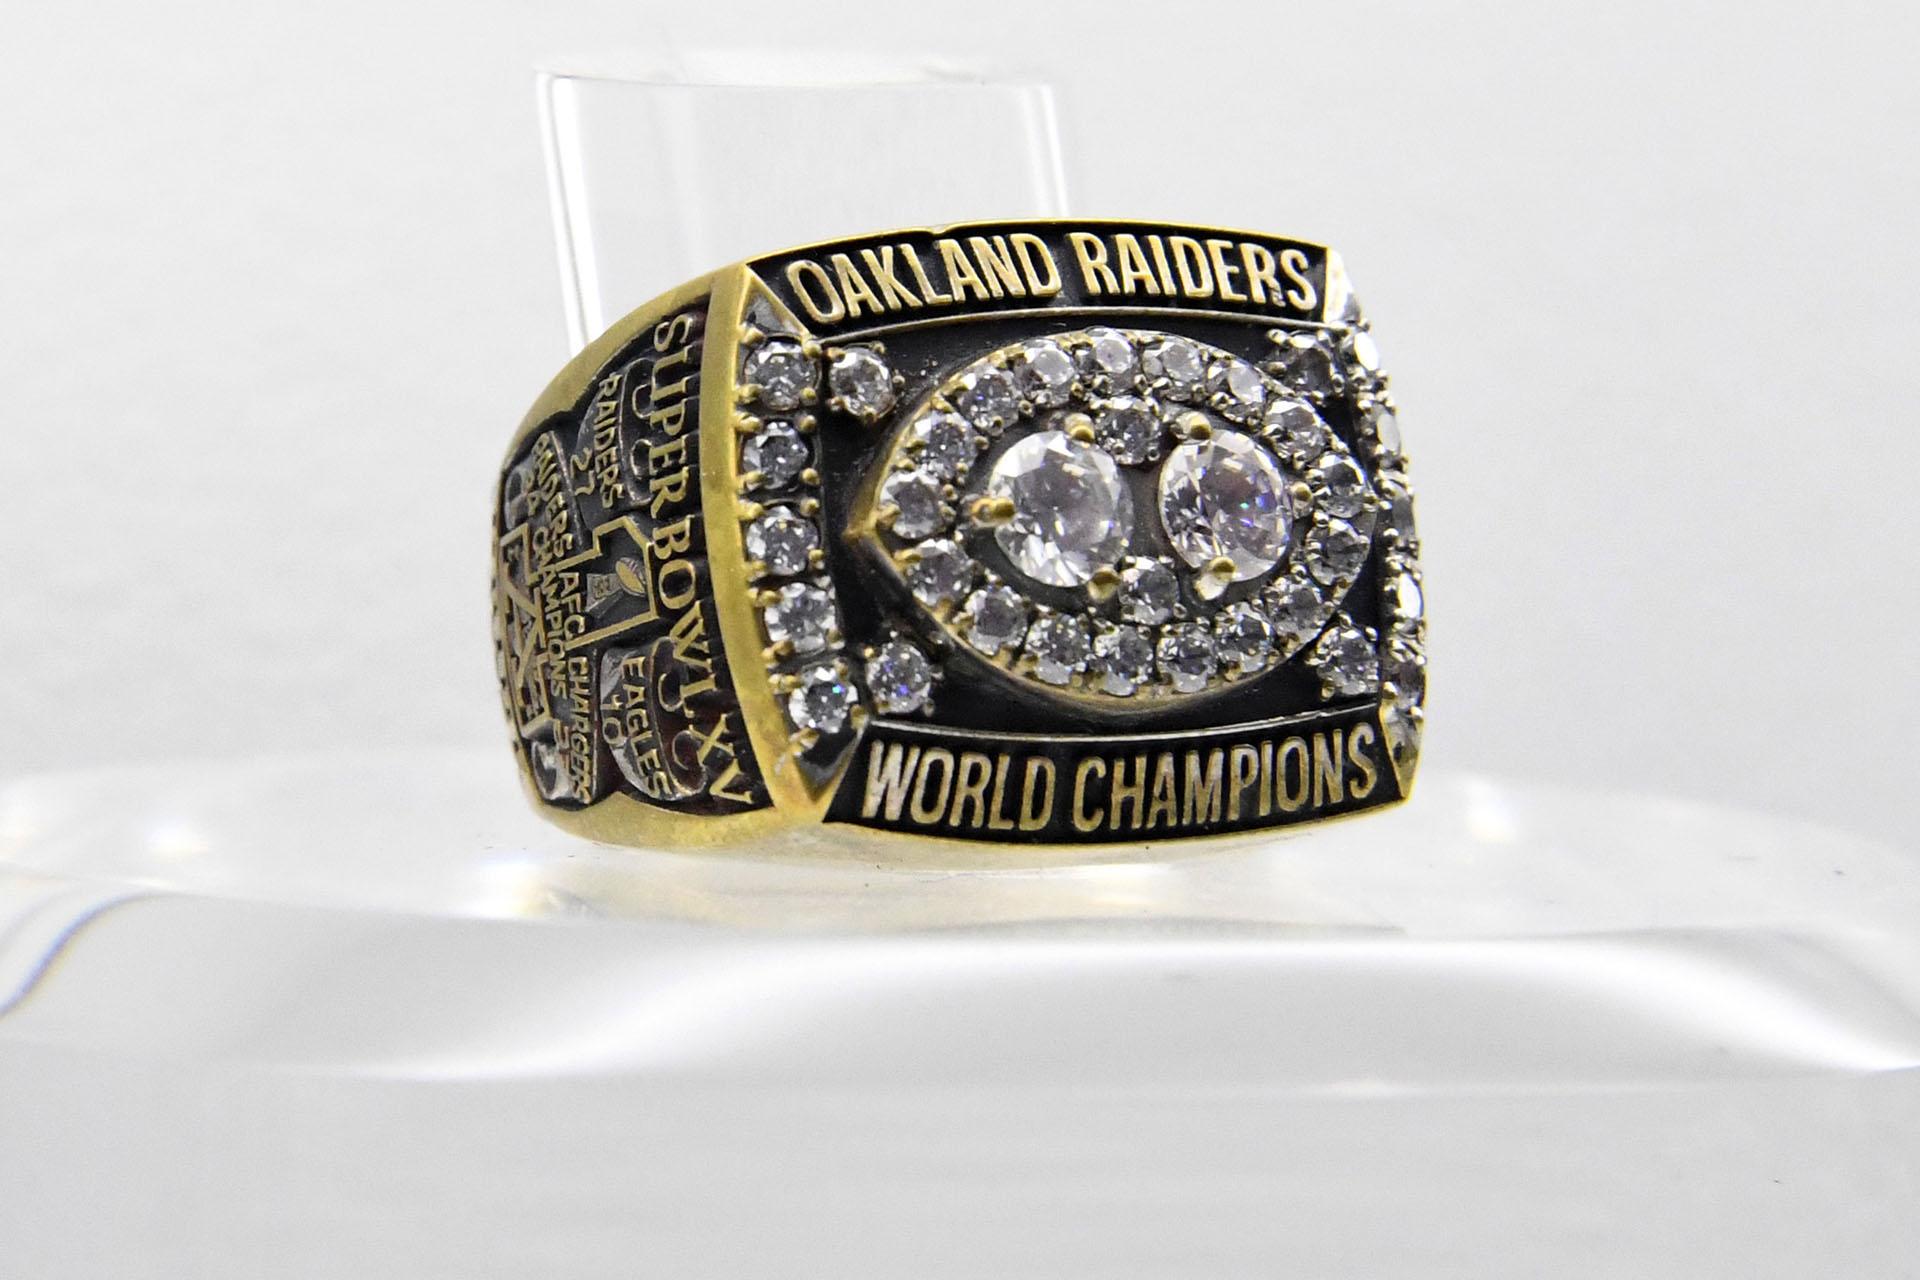 El anillo del Super Bowl XV disputado en 1981 fue para los Oakland Raiders que se impusieron 27-10 ante losPhiladelphia Eagles en el Superdome deNew Orleans